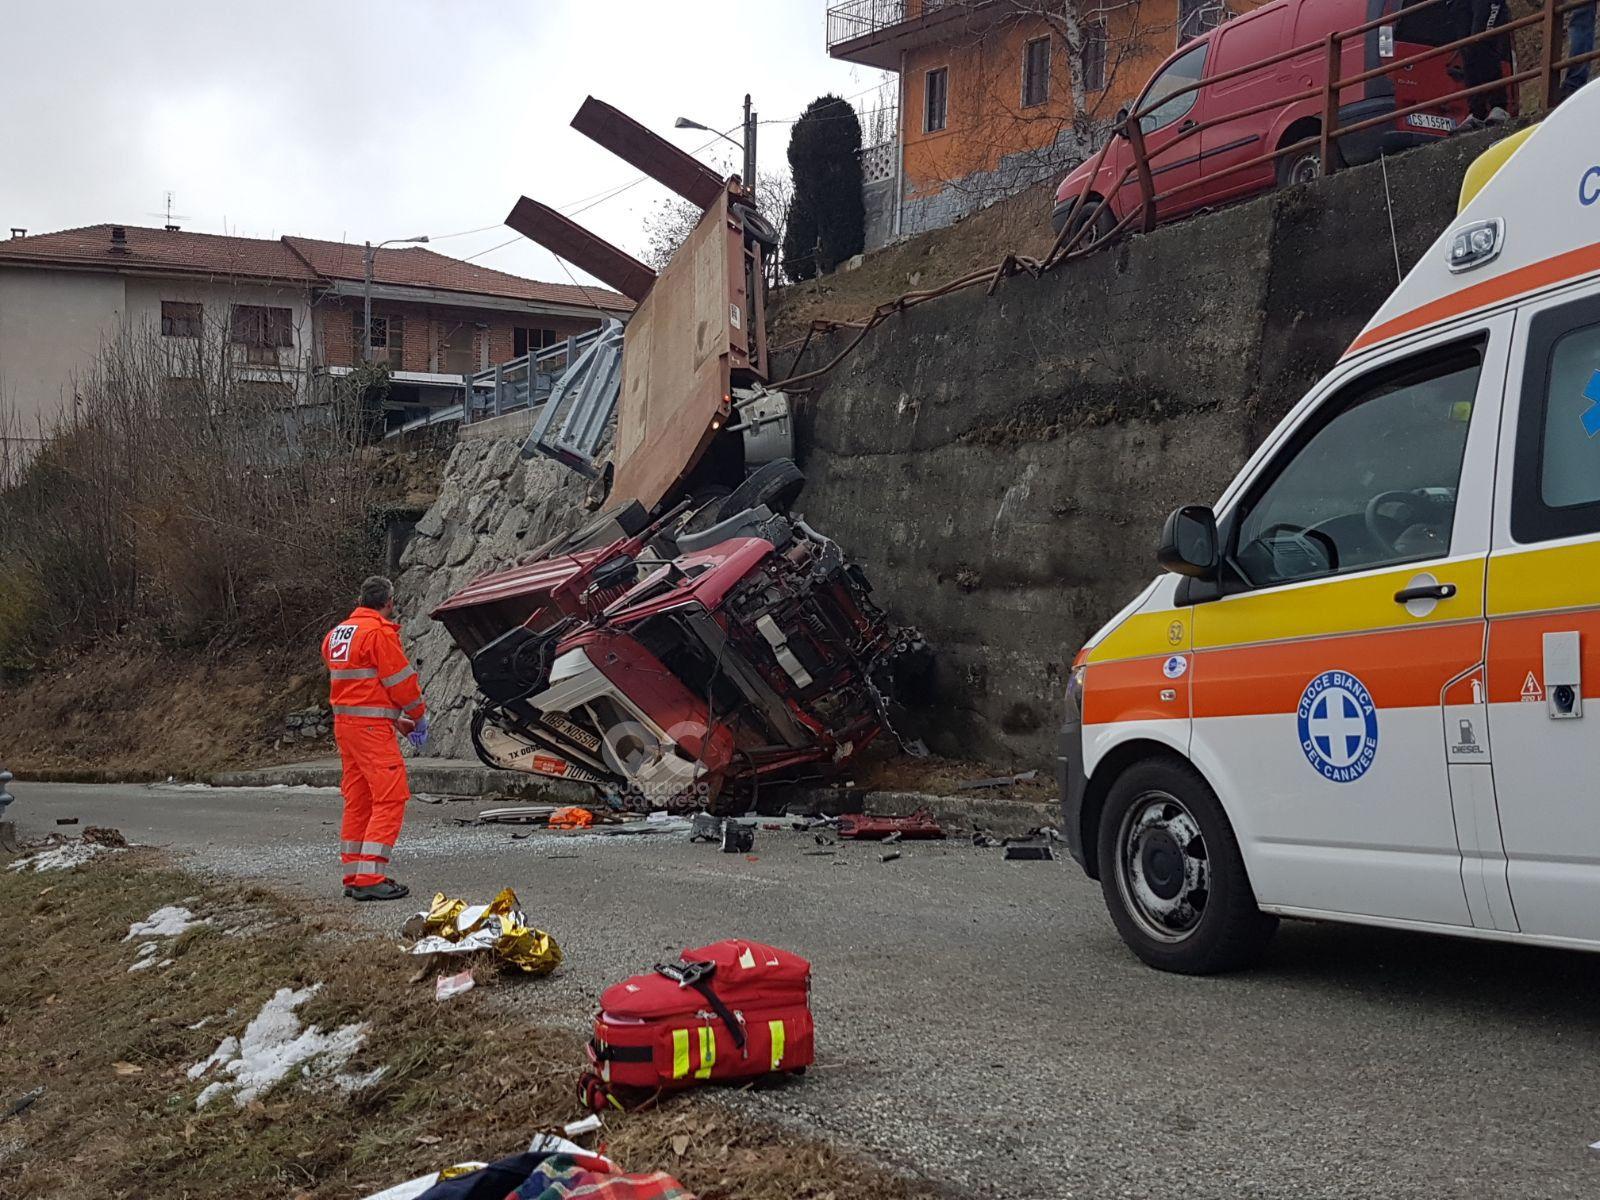 PRATIGLIONE-FORNO - Grave incidente sulla provinciale: camion precipita sulla strada. Autista al Cto - FOTO